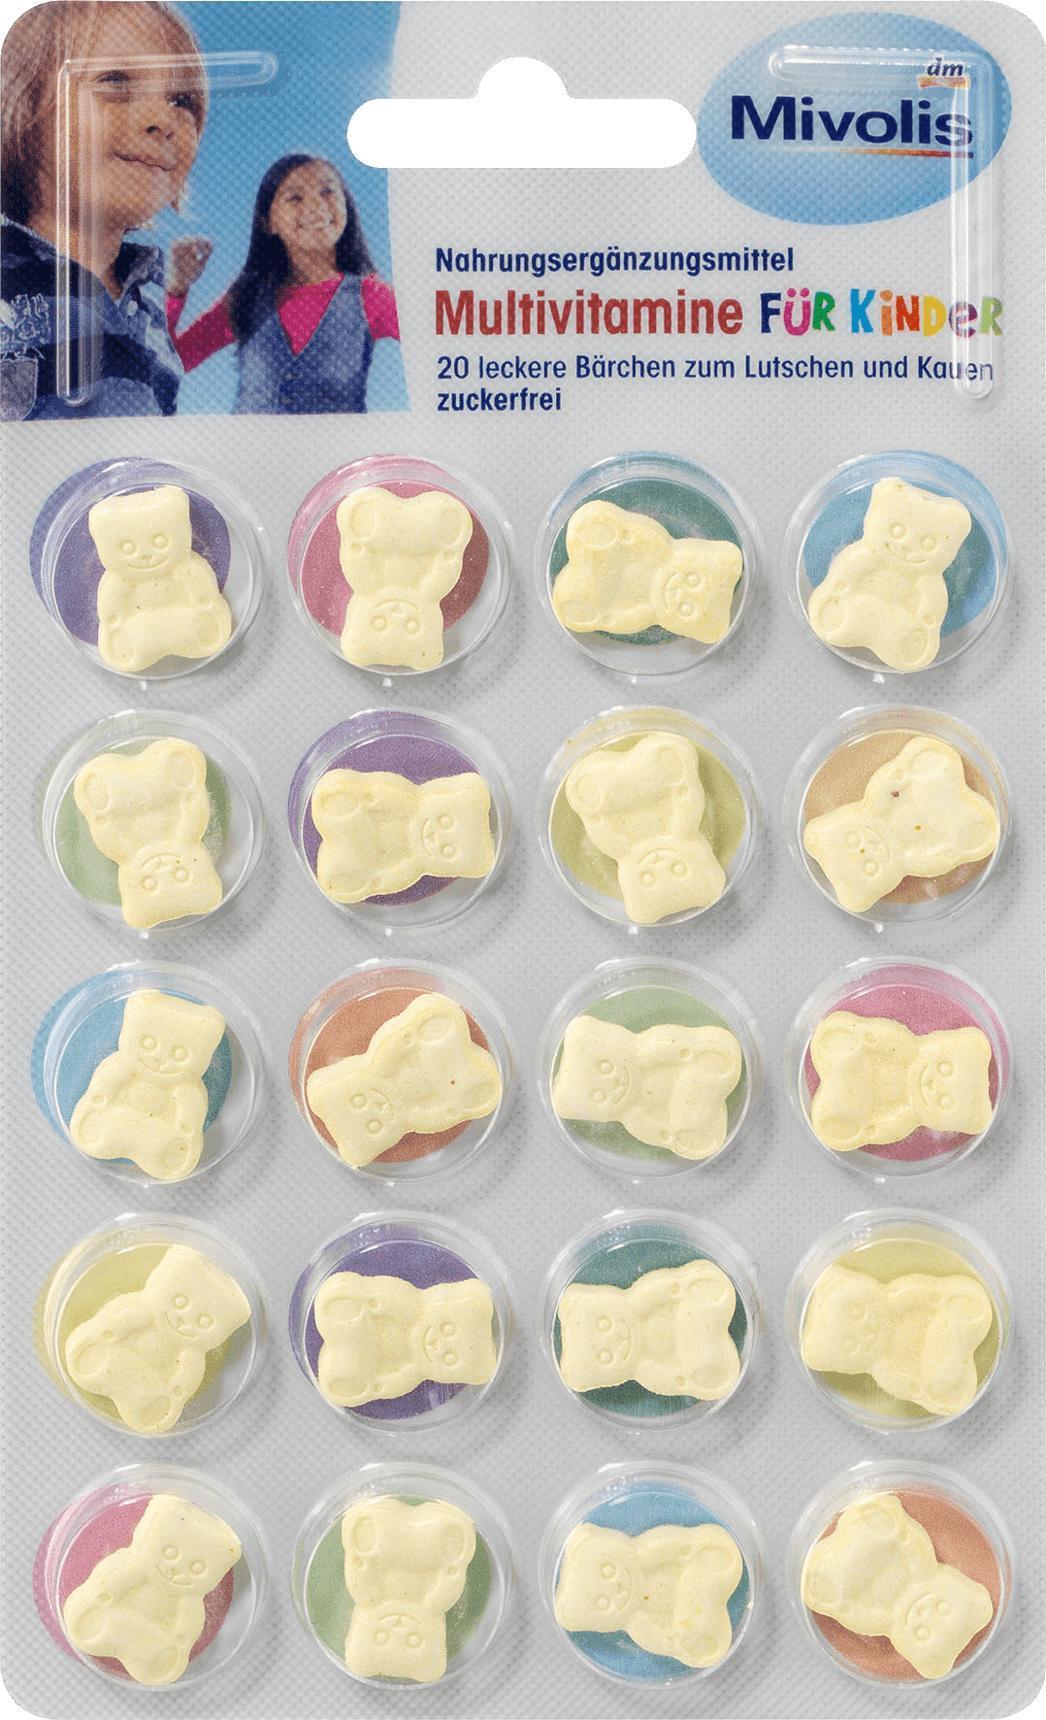 Отзыв на Multivitamine für Kinder, Lutschtabletten 20 St., 14 g из Интернет-Магазина DM